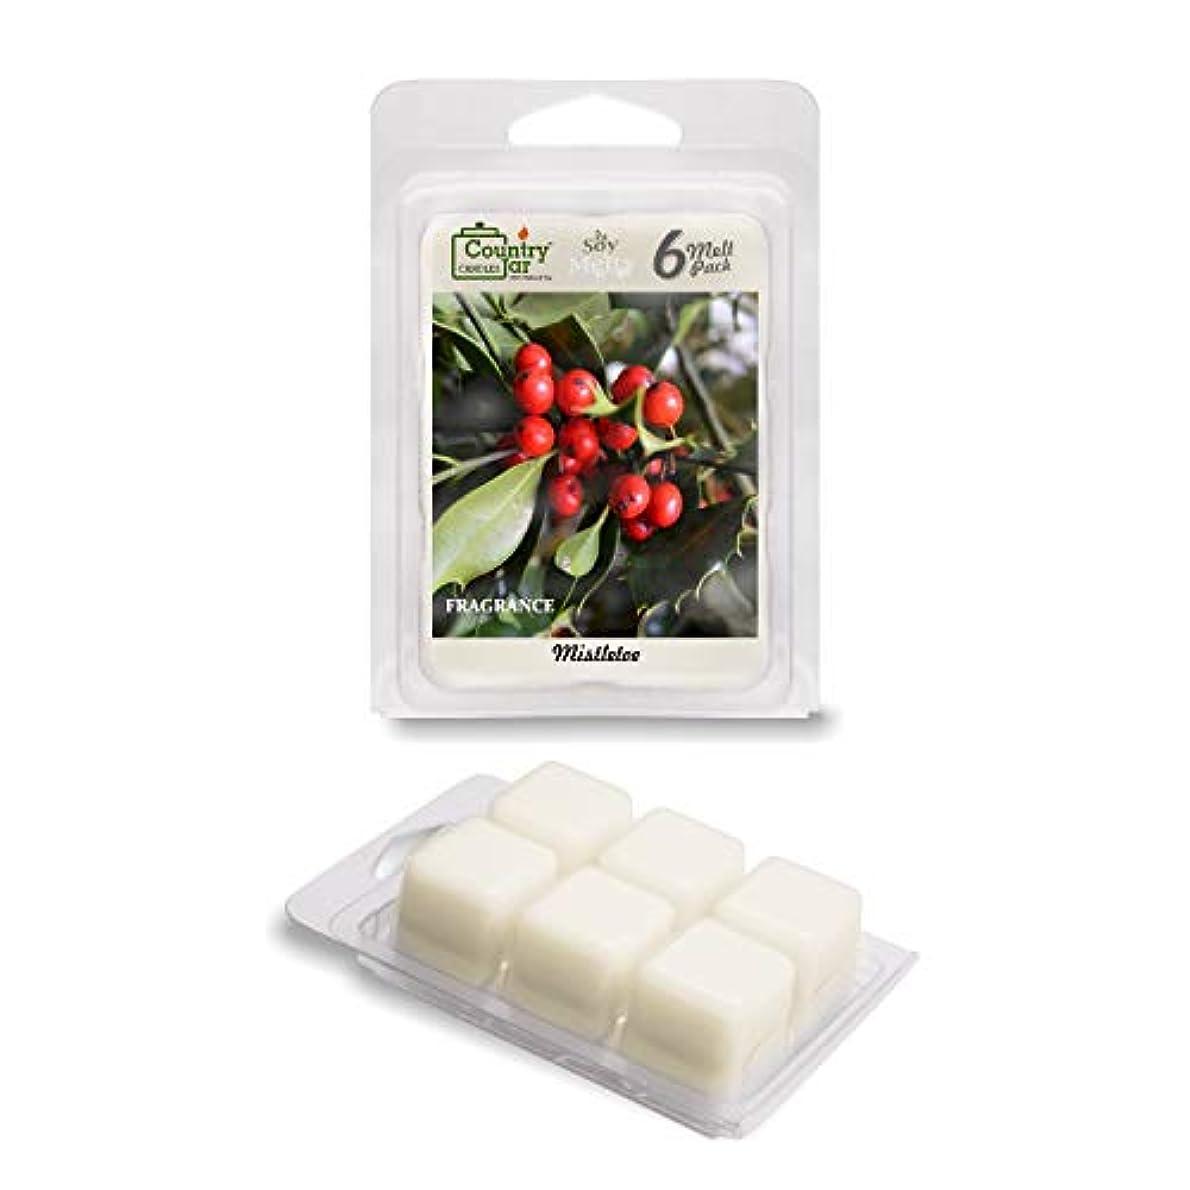 ビートキュービック共和国Nature 's Best大豆キャンドルby国Jar Candle Co。 Wax Melts (WM) MDL-SM103